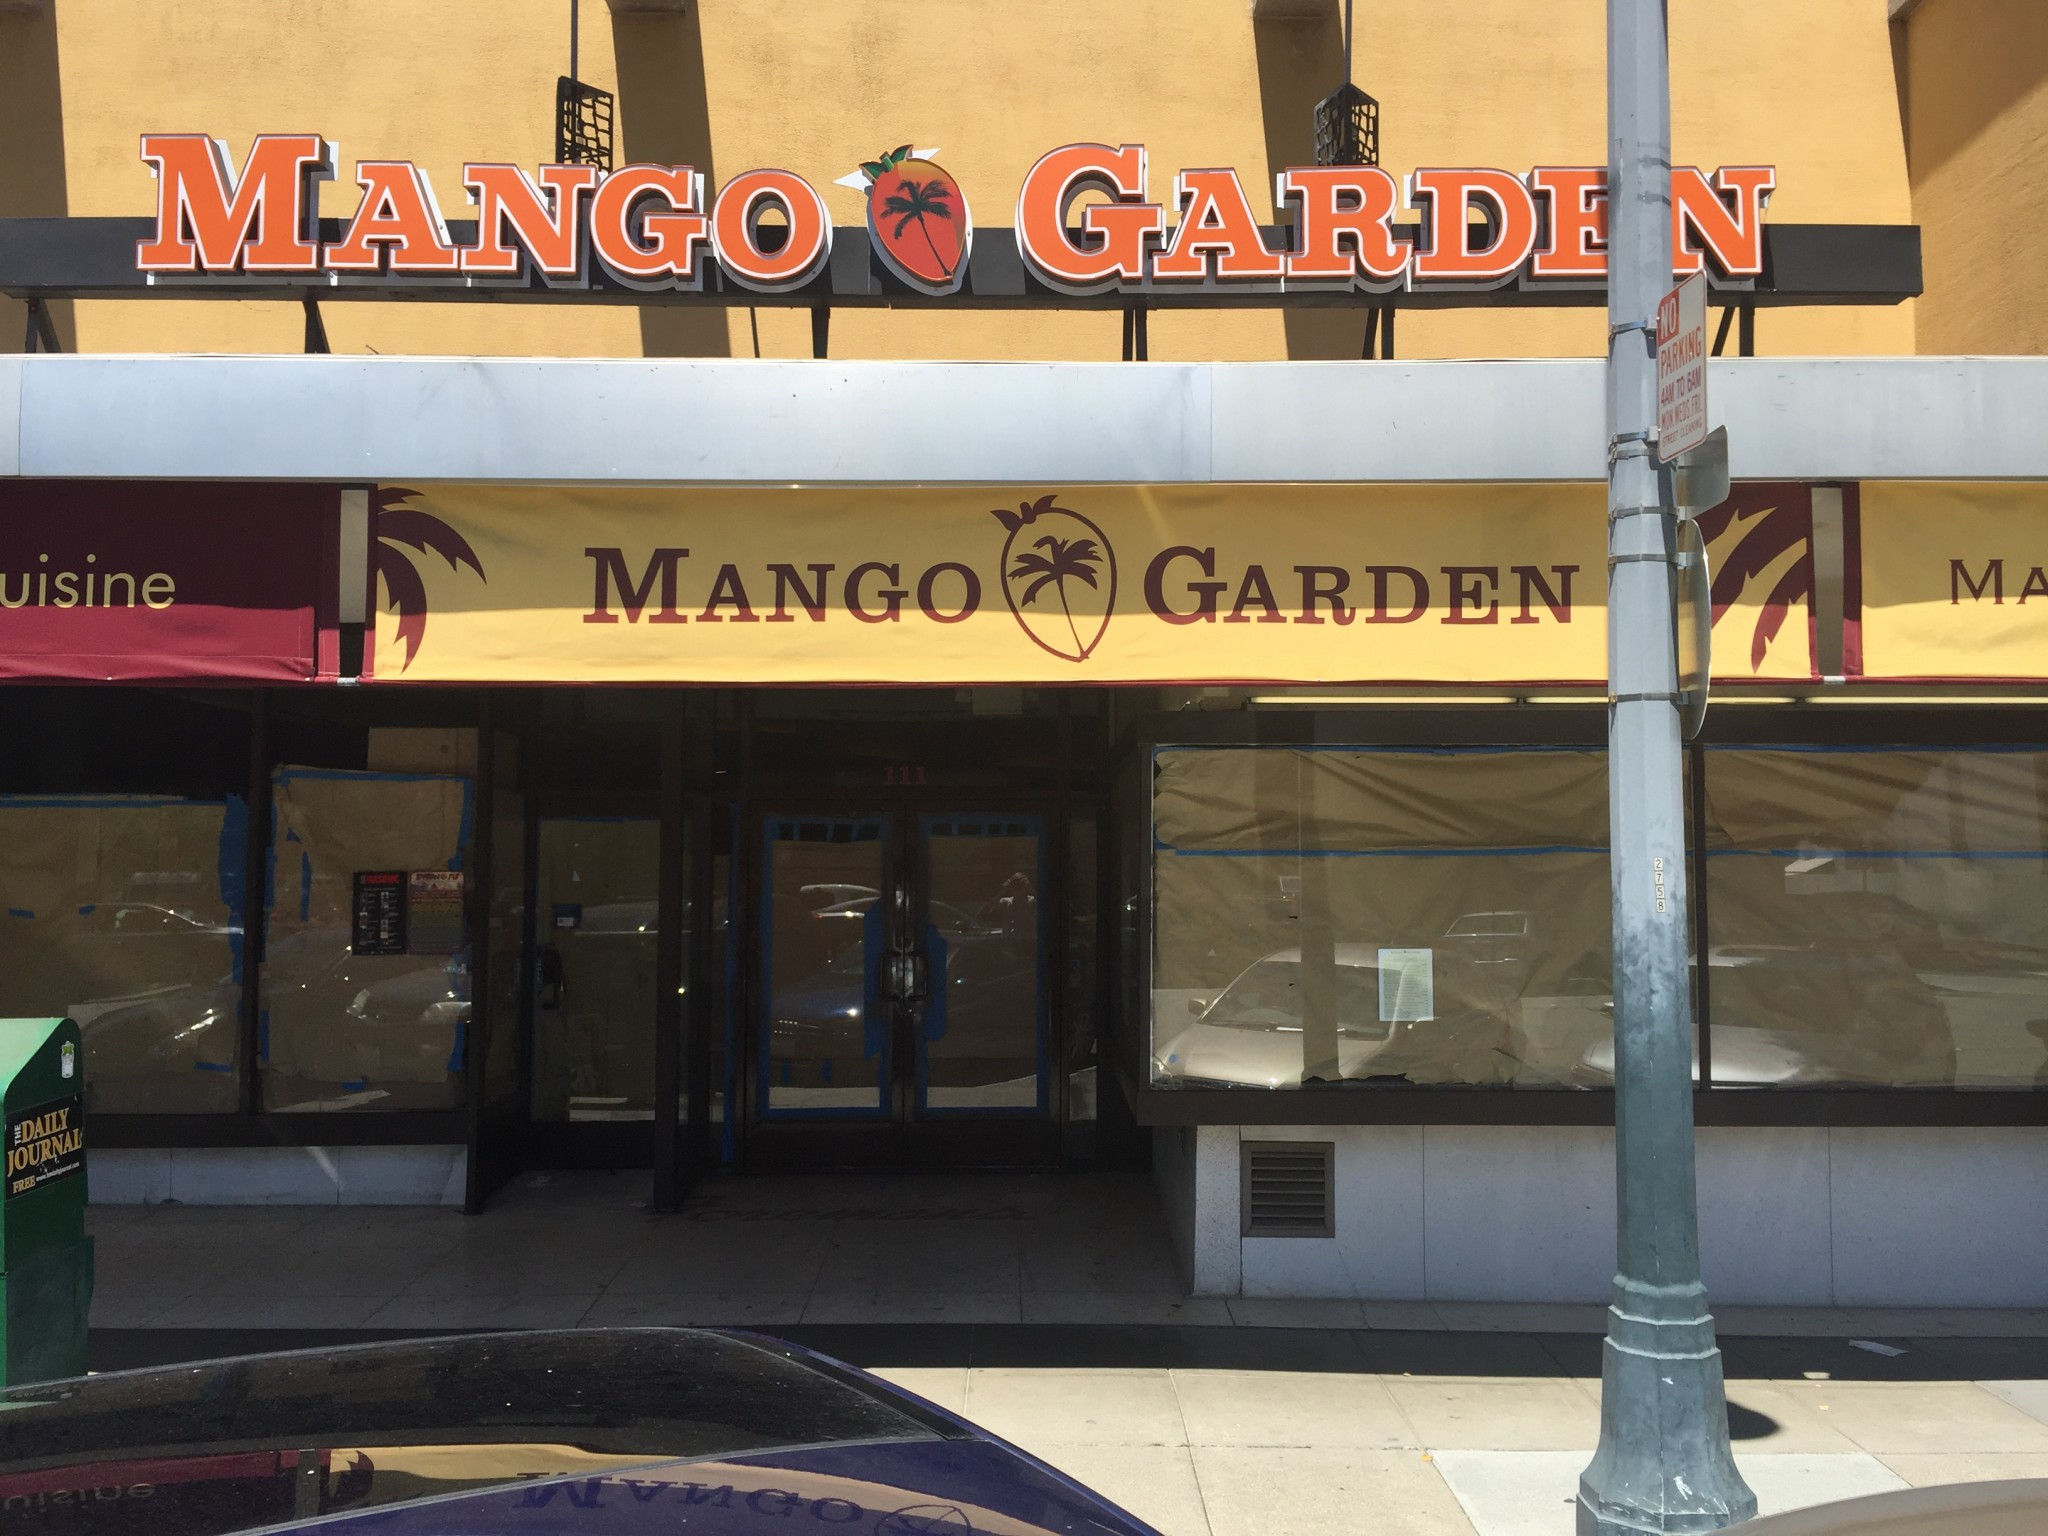 Mango Garden exterior